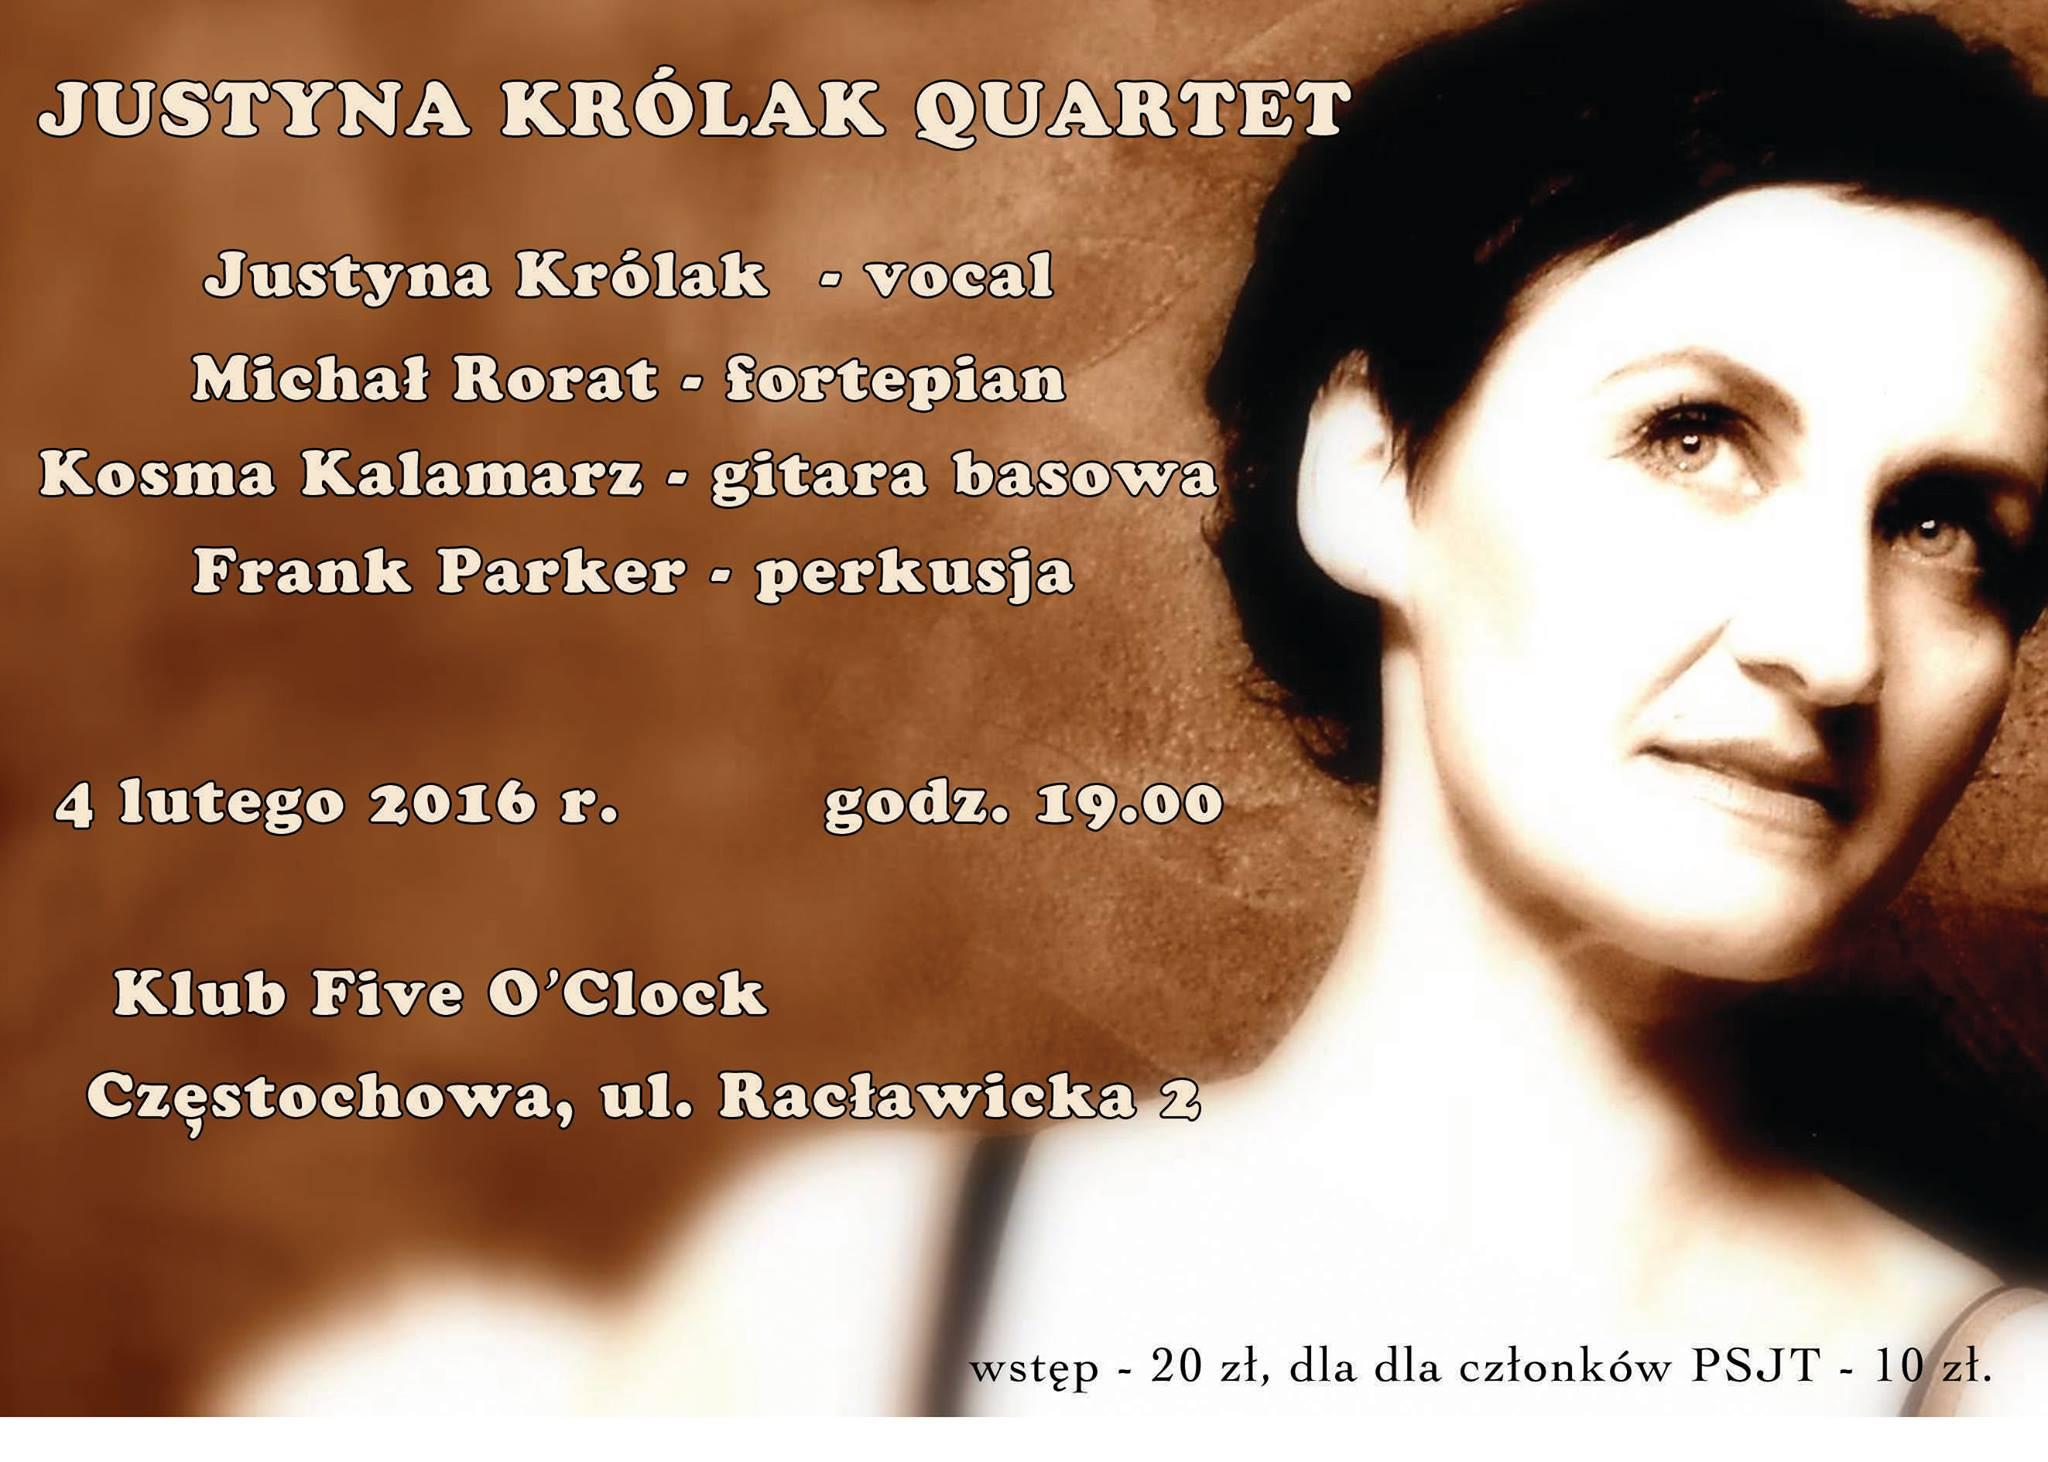 Justyna Królak Quartet